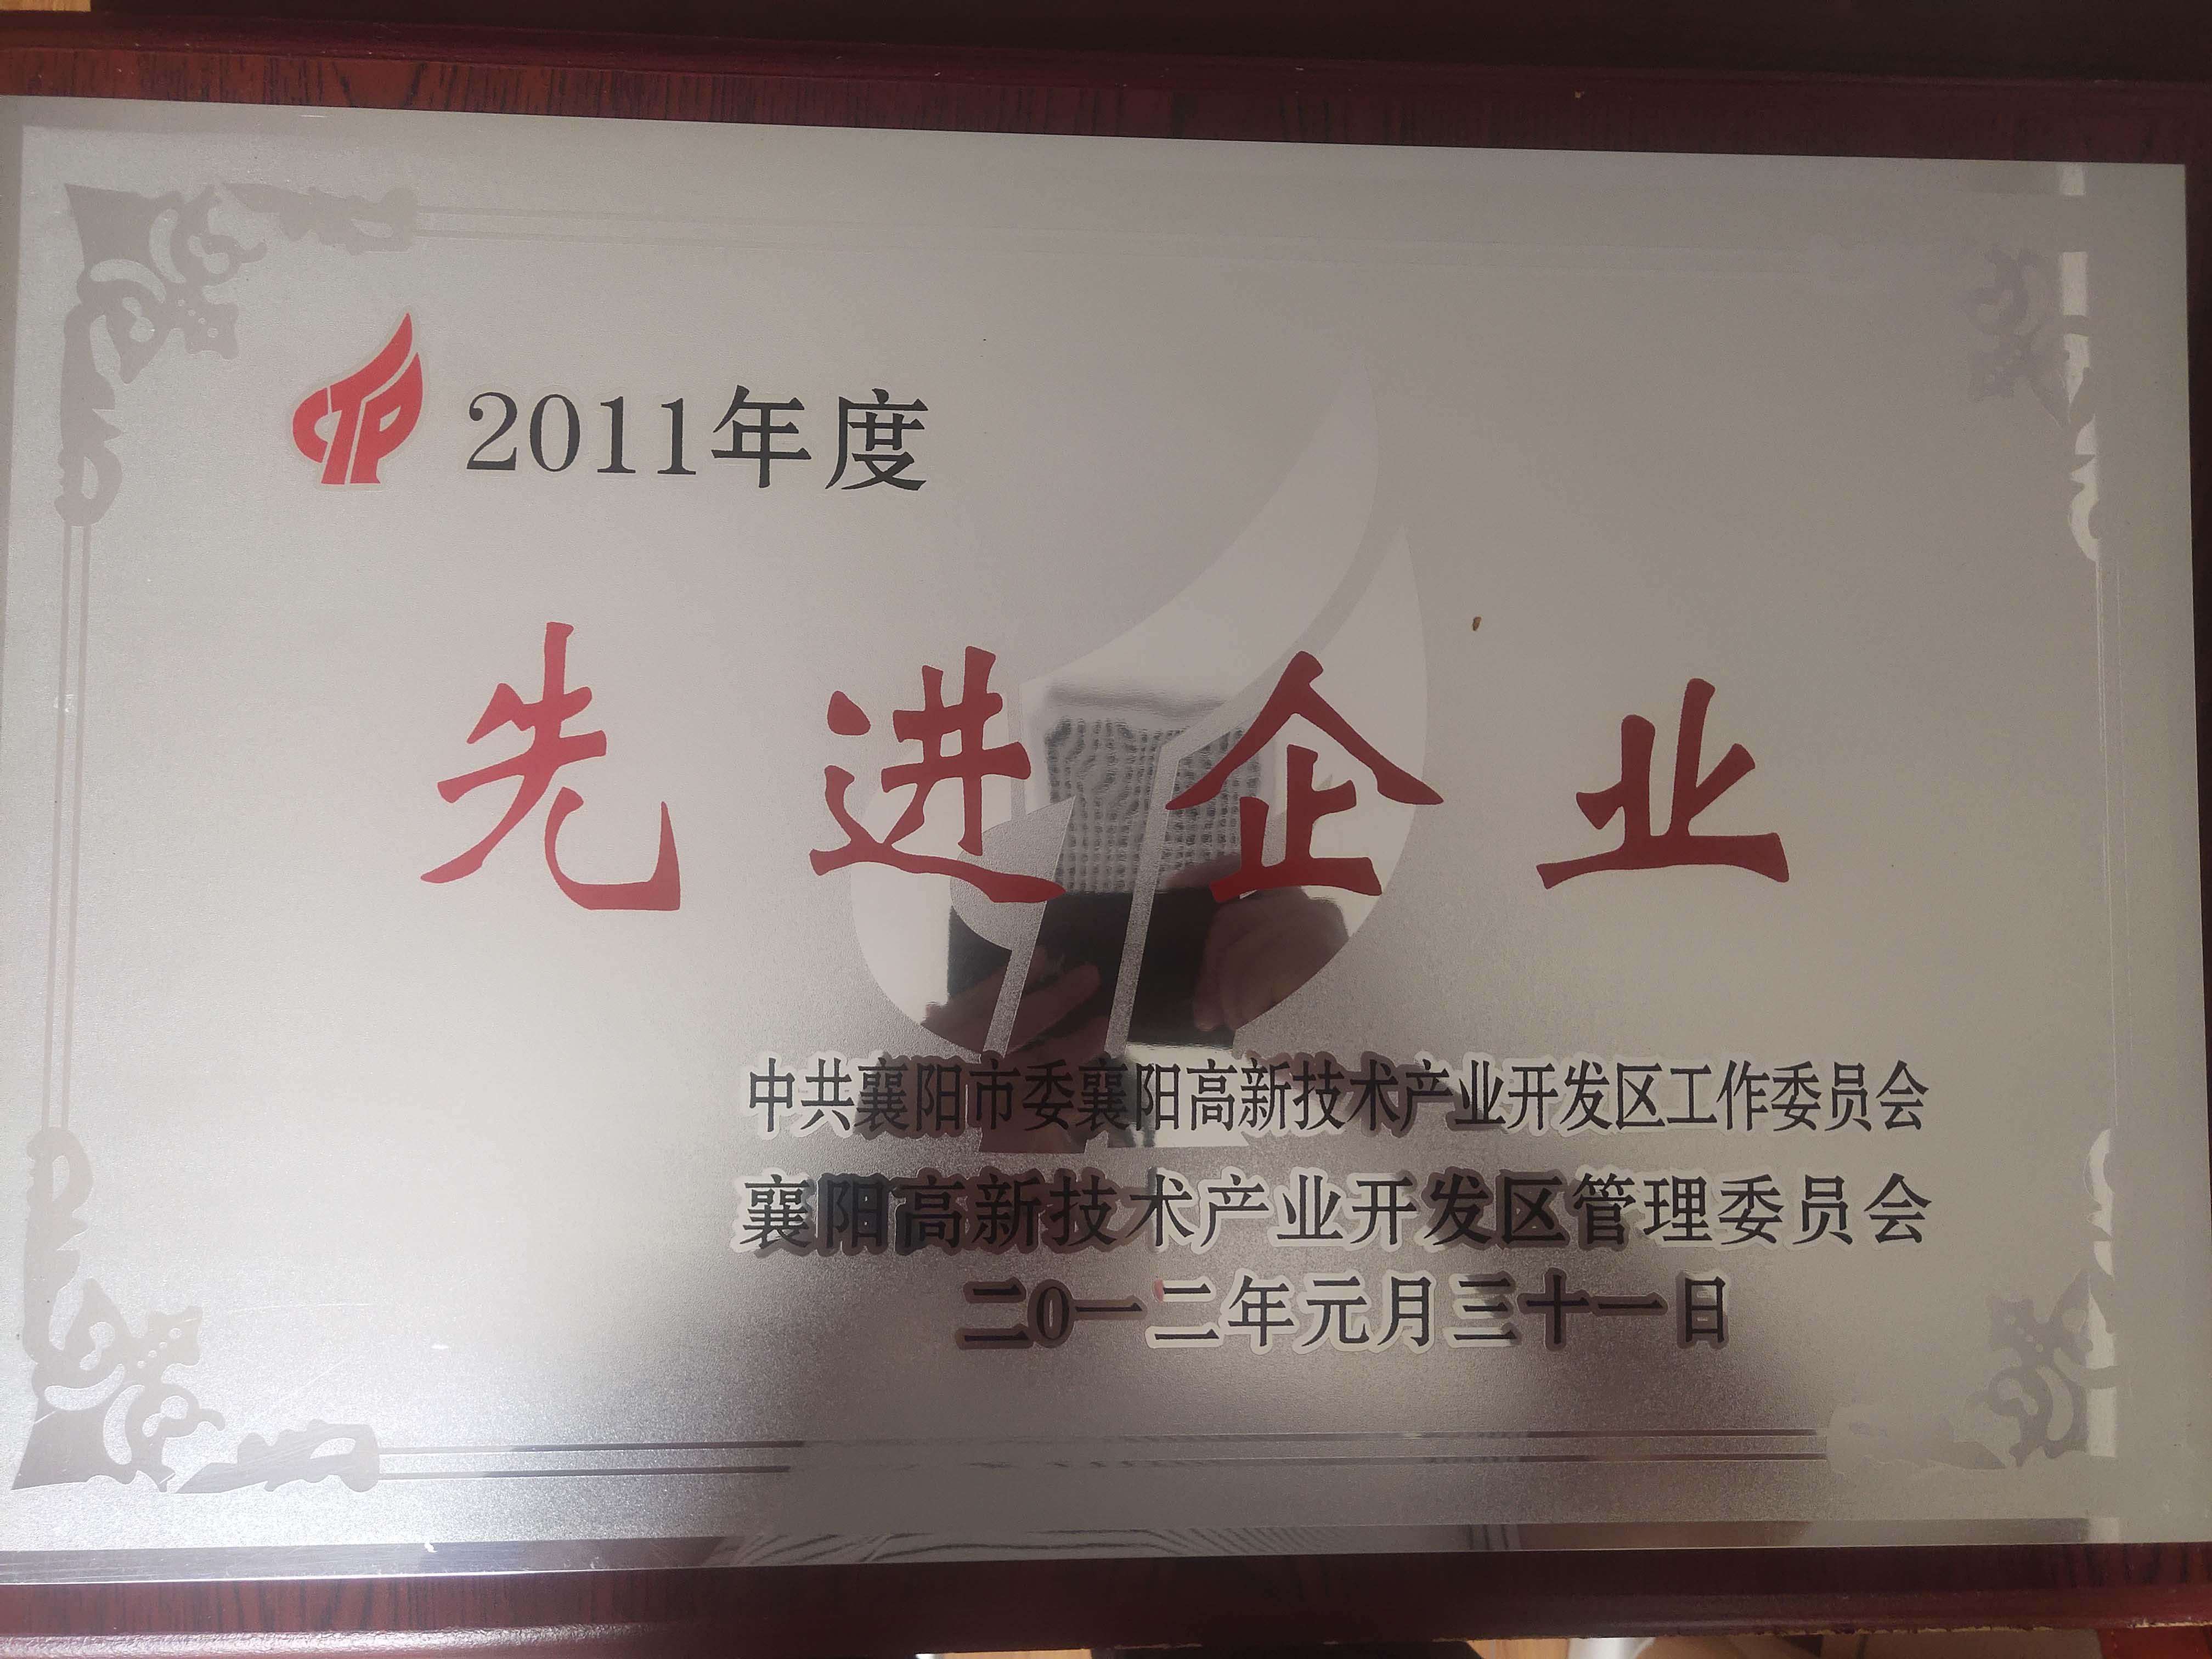 2011年度企业